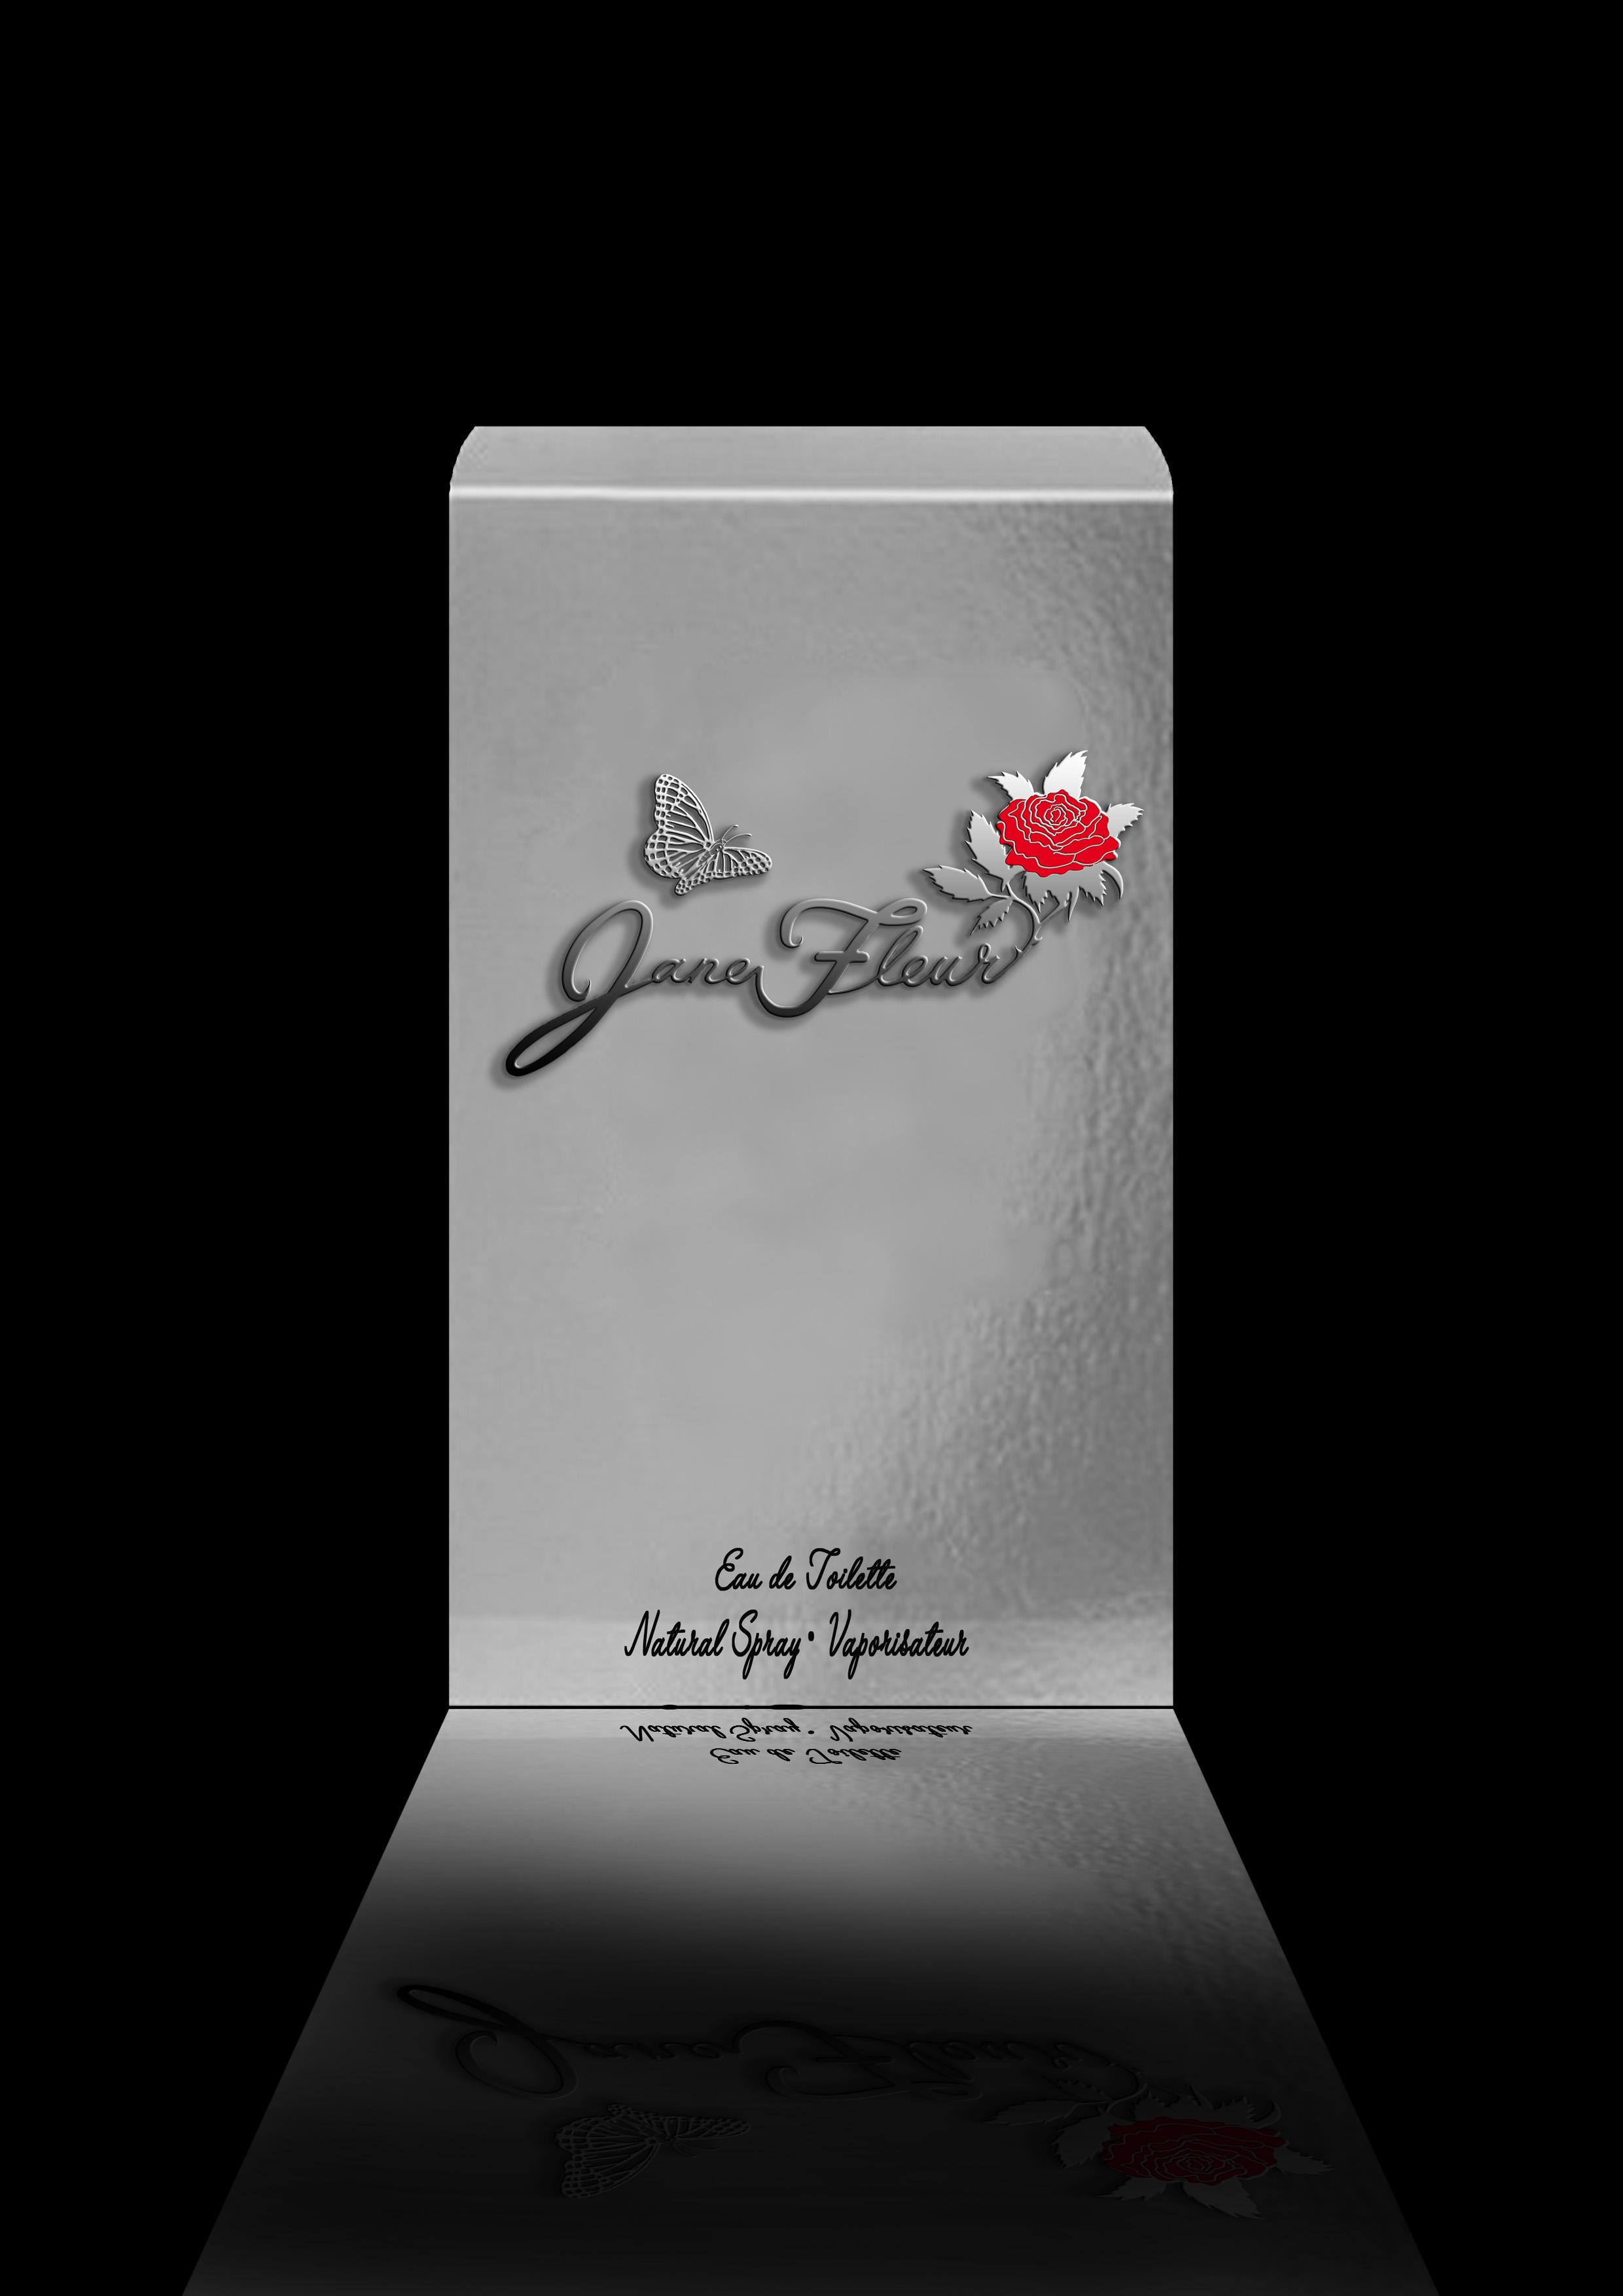 Logo Parfum auf Verpackung gespiegelt_1